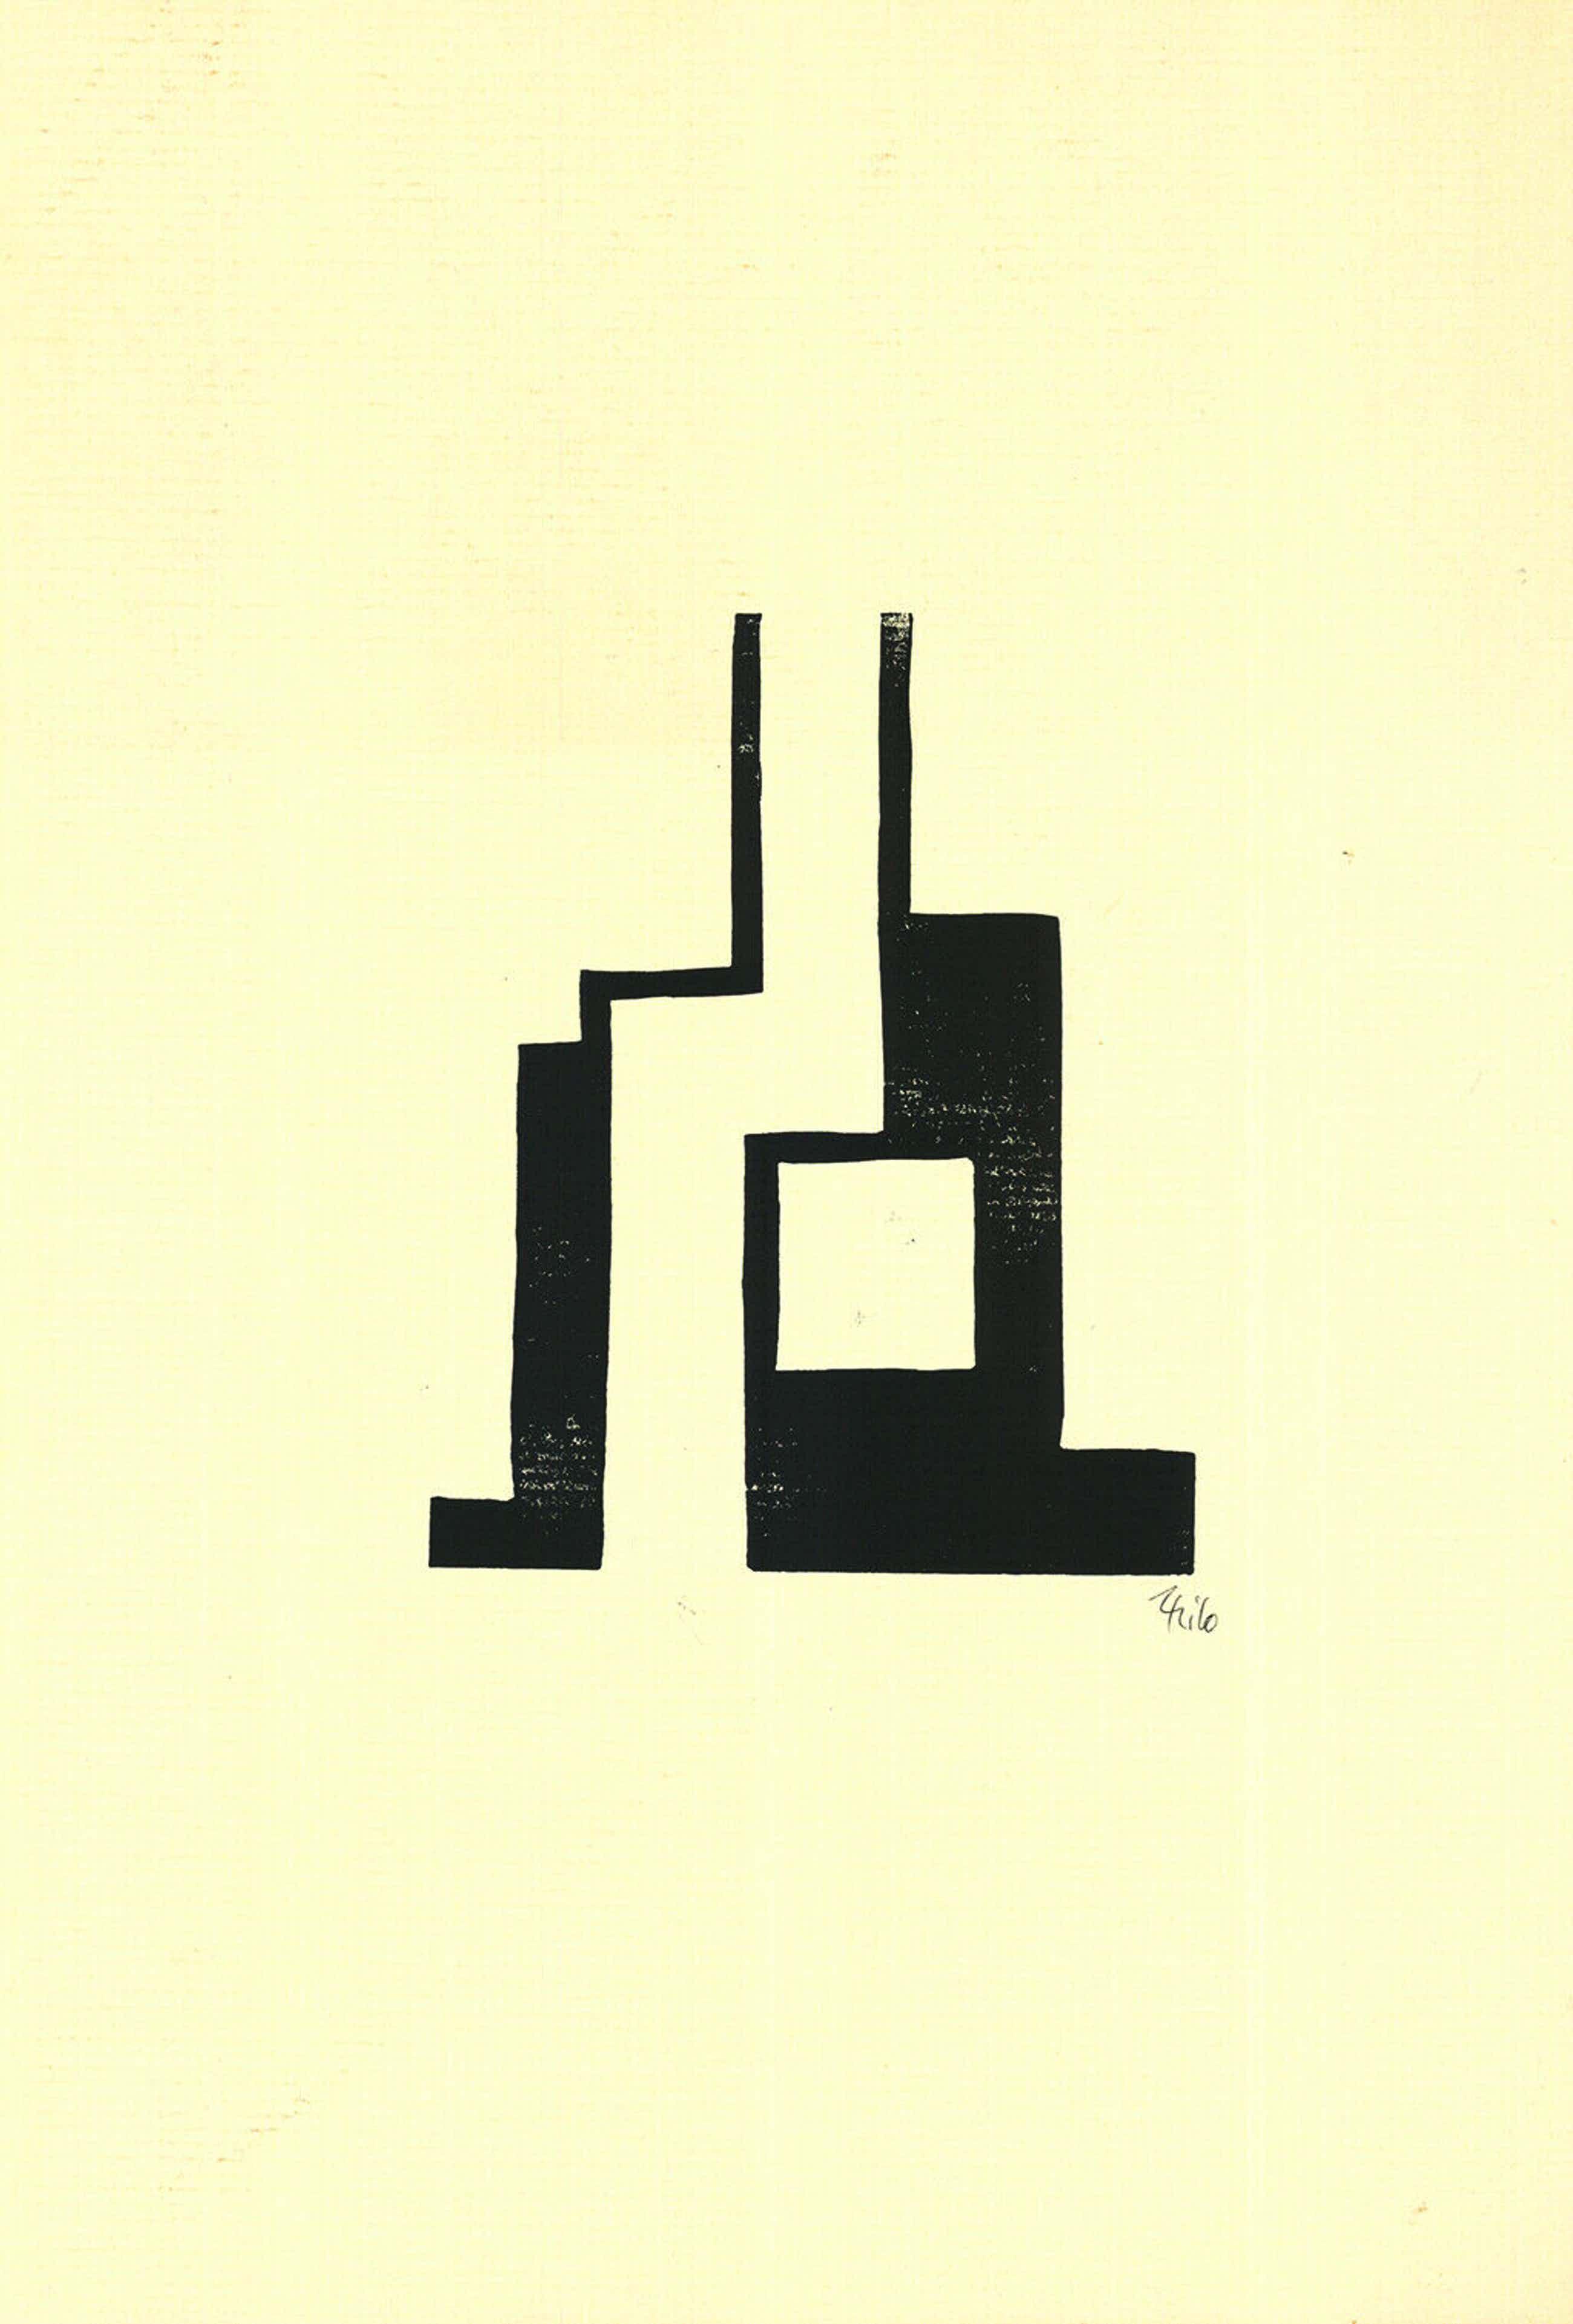 Thilo Maatsch - Handgesigneerde houtsnede: Geometrische Compositie kopen? Bied vanaf 95!